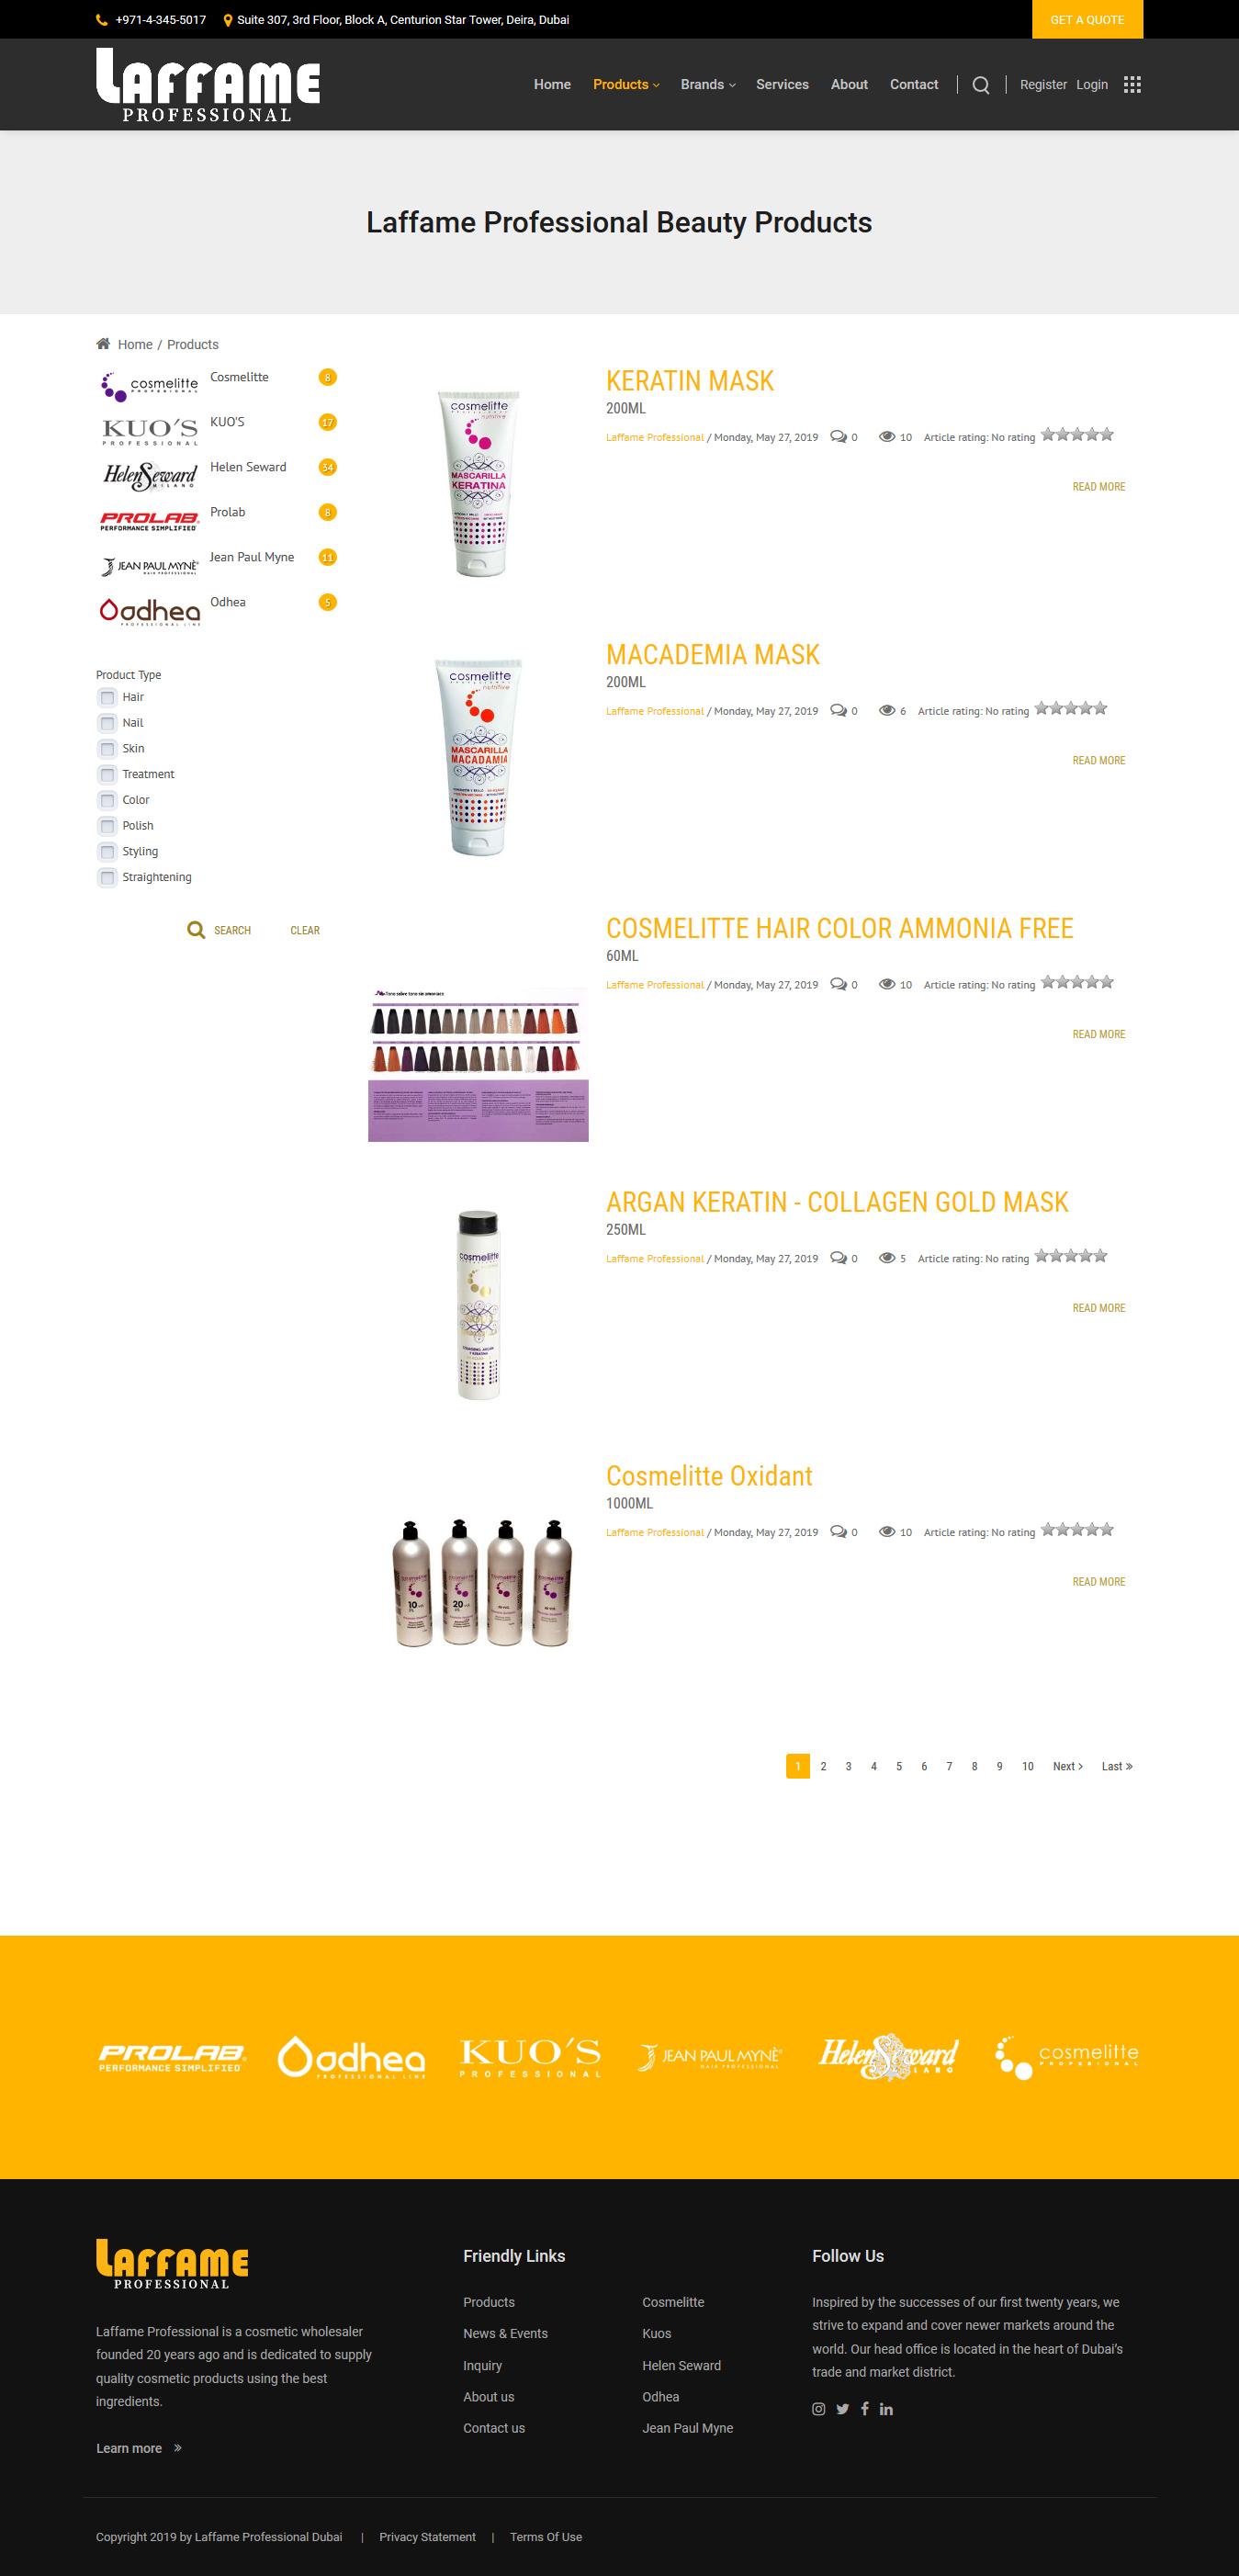 تصویری از صفحه فهرست محصولات Laffame Professional دوبی